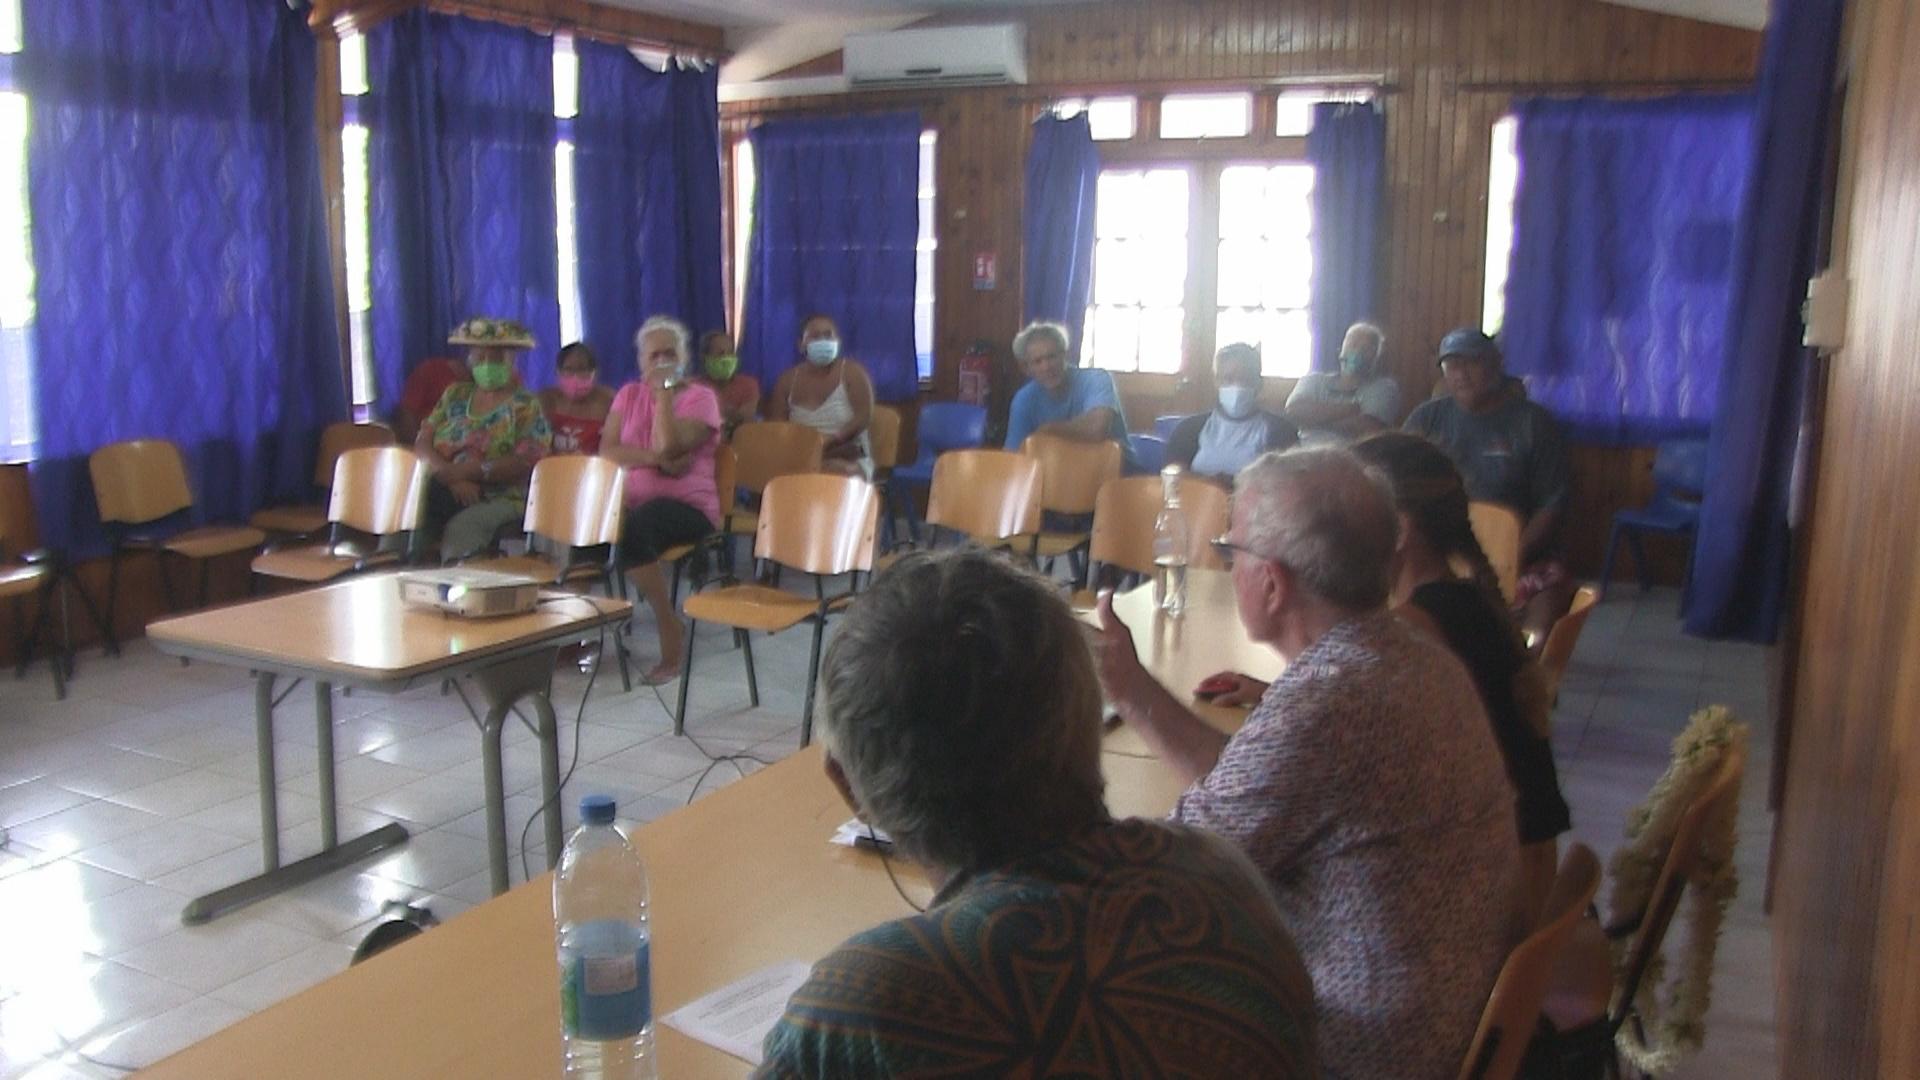 Tumara'a mise sur Avatea pour une usine de rhum en 2022